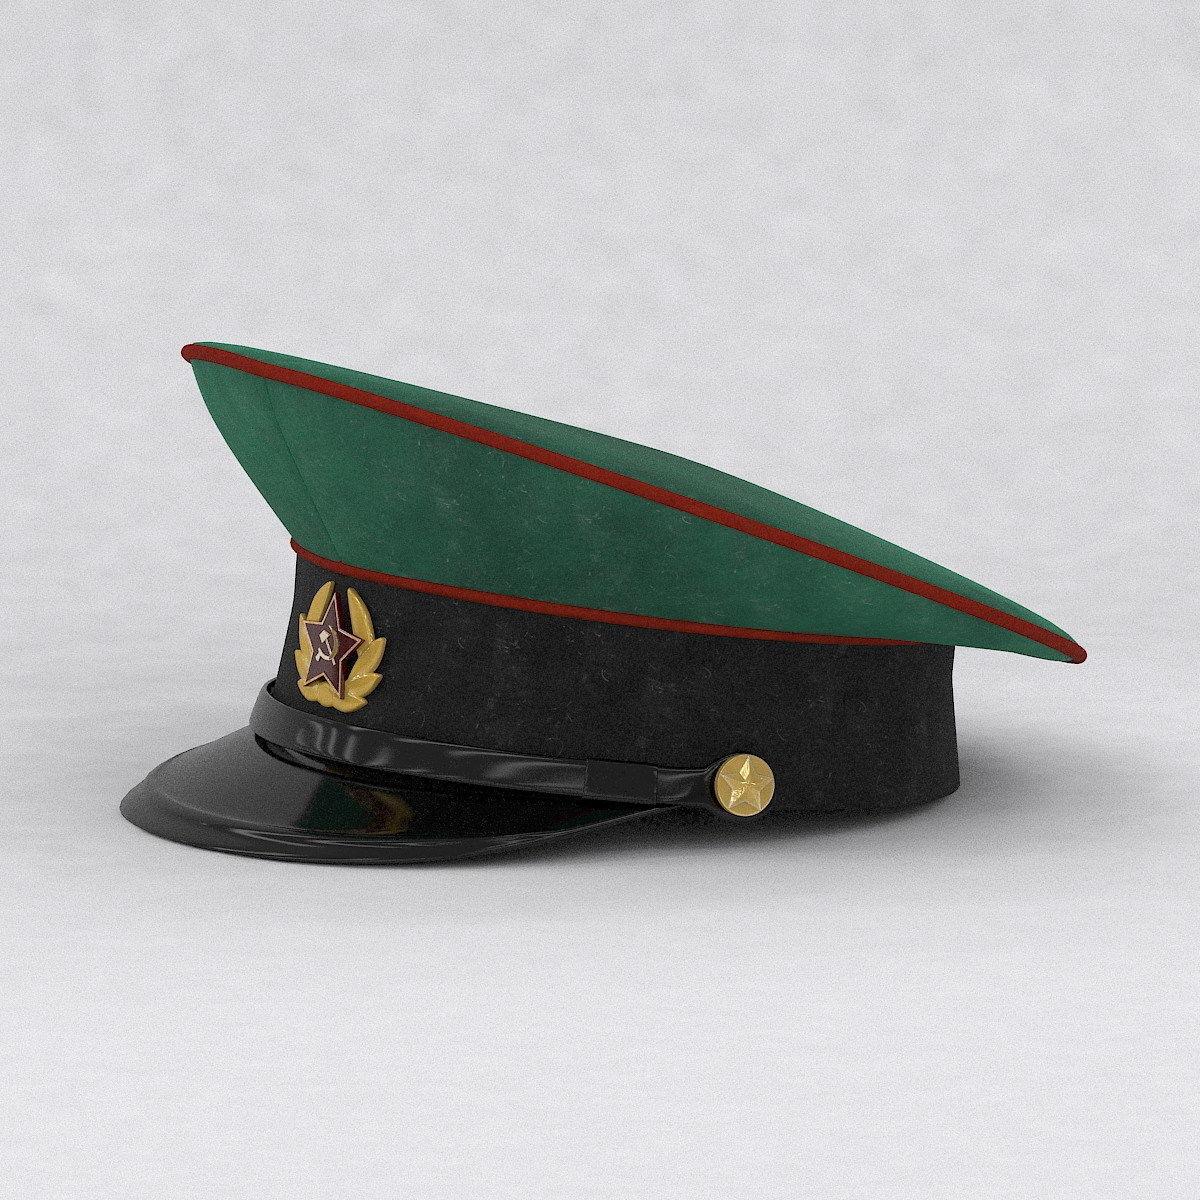 11a61935927 ... military cap 3d model max obj mtl 3